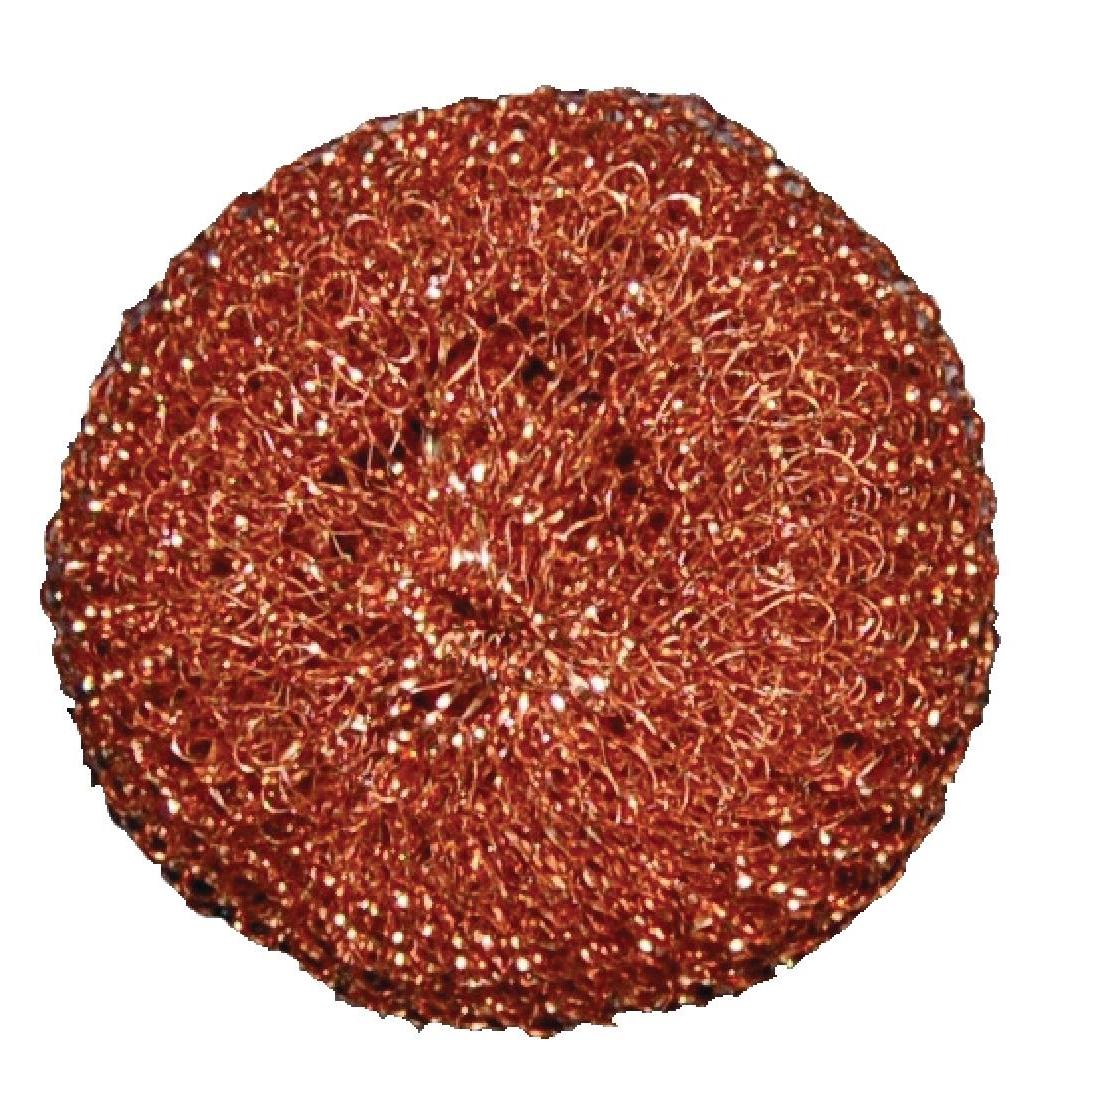 Eponge métallique coppercote en cuivre par 20